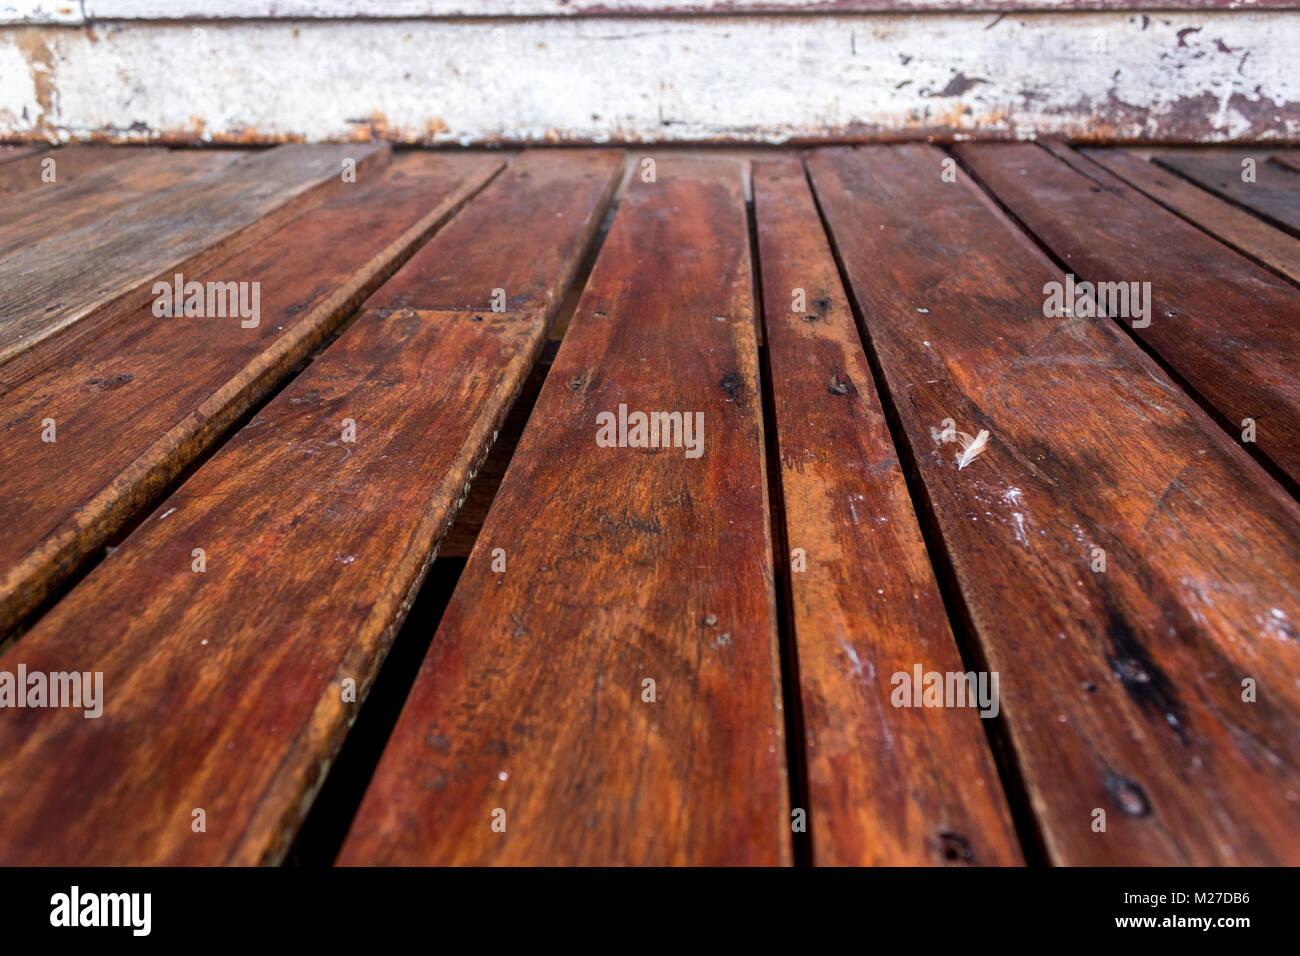 Pannello In Legno Piano Vuoto Texture Di Sfondo In Prospettiva Foto Stock Alamy